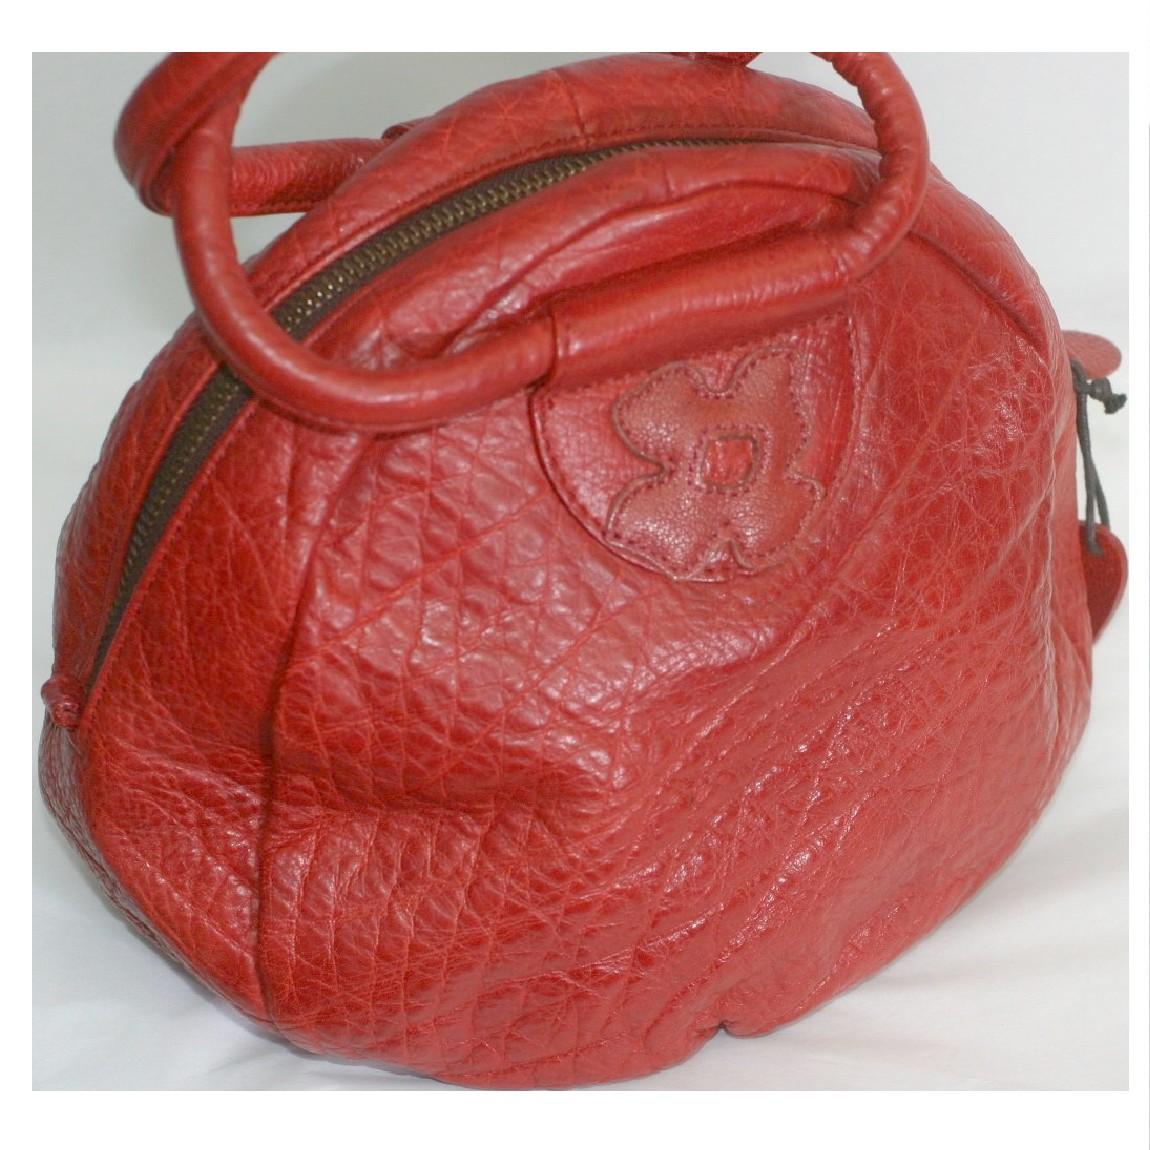 【中古】本物綺麗イビザ女性用丸みを帯びたお洒落なフォルムの赤色可愛いバッグ サイズW23H17D14cm ○C13-253-1